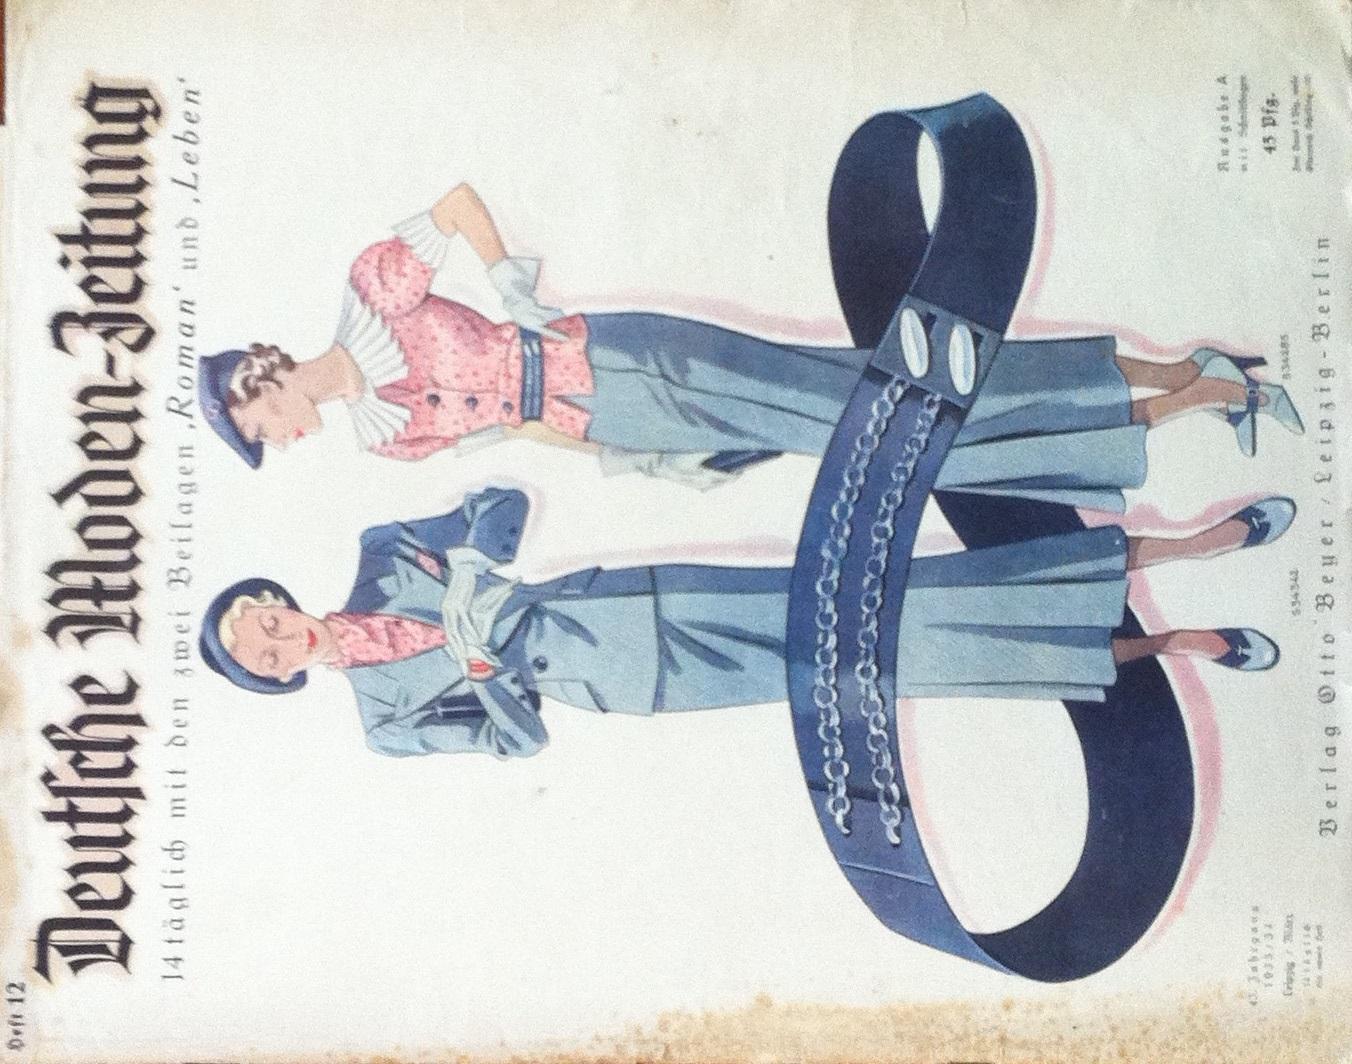 Deutsche Moden-Zeitung No. 12 Vol. 43 1933/34